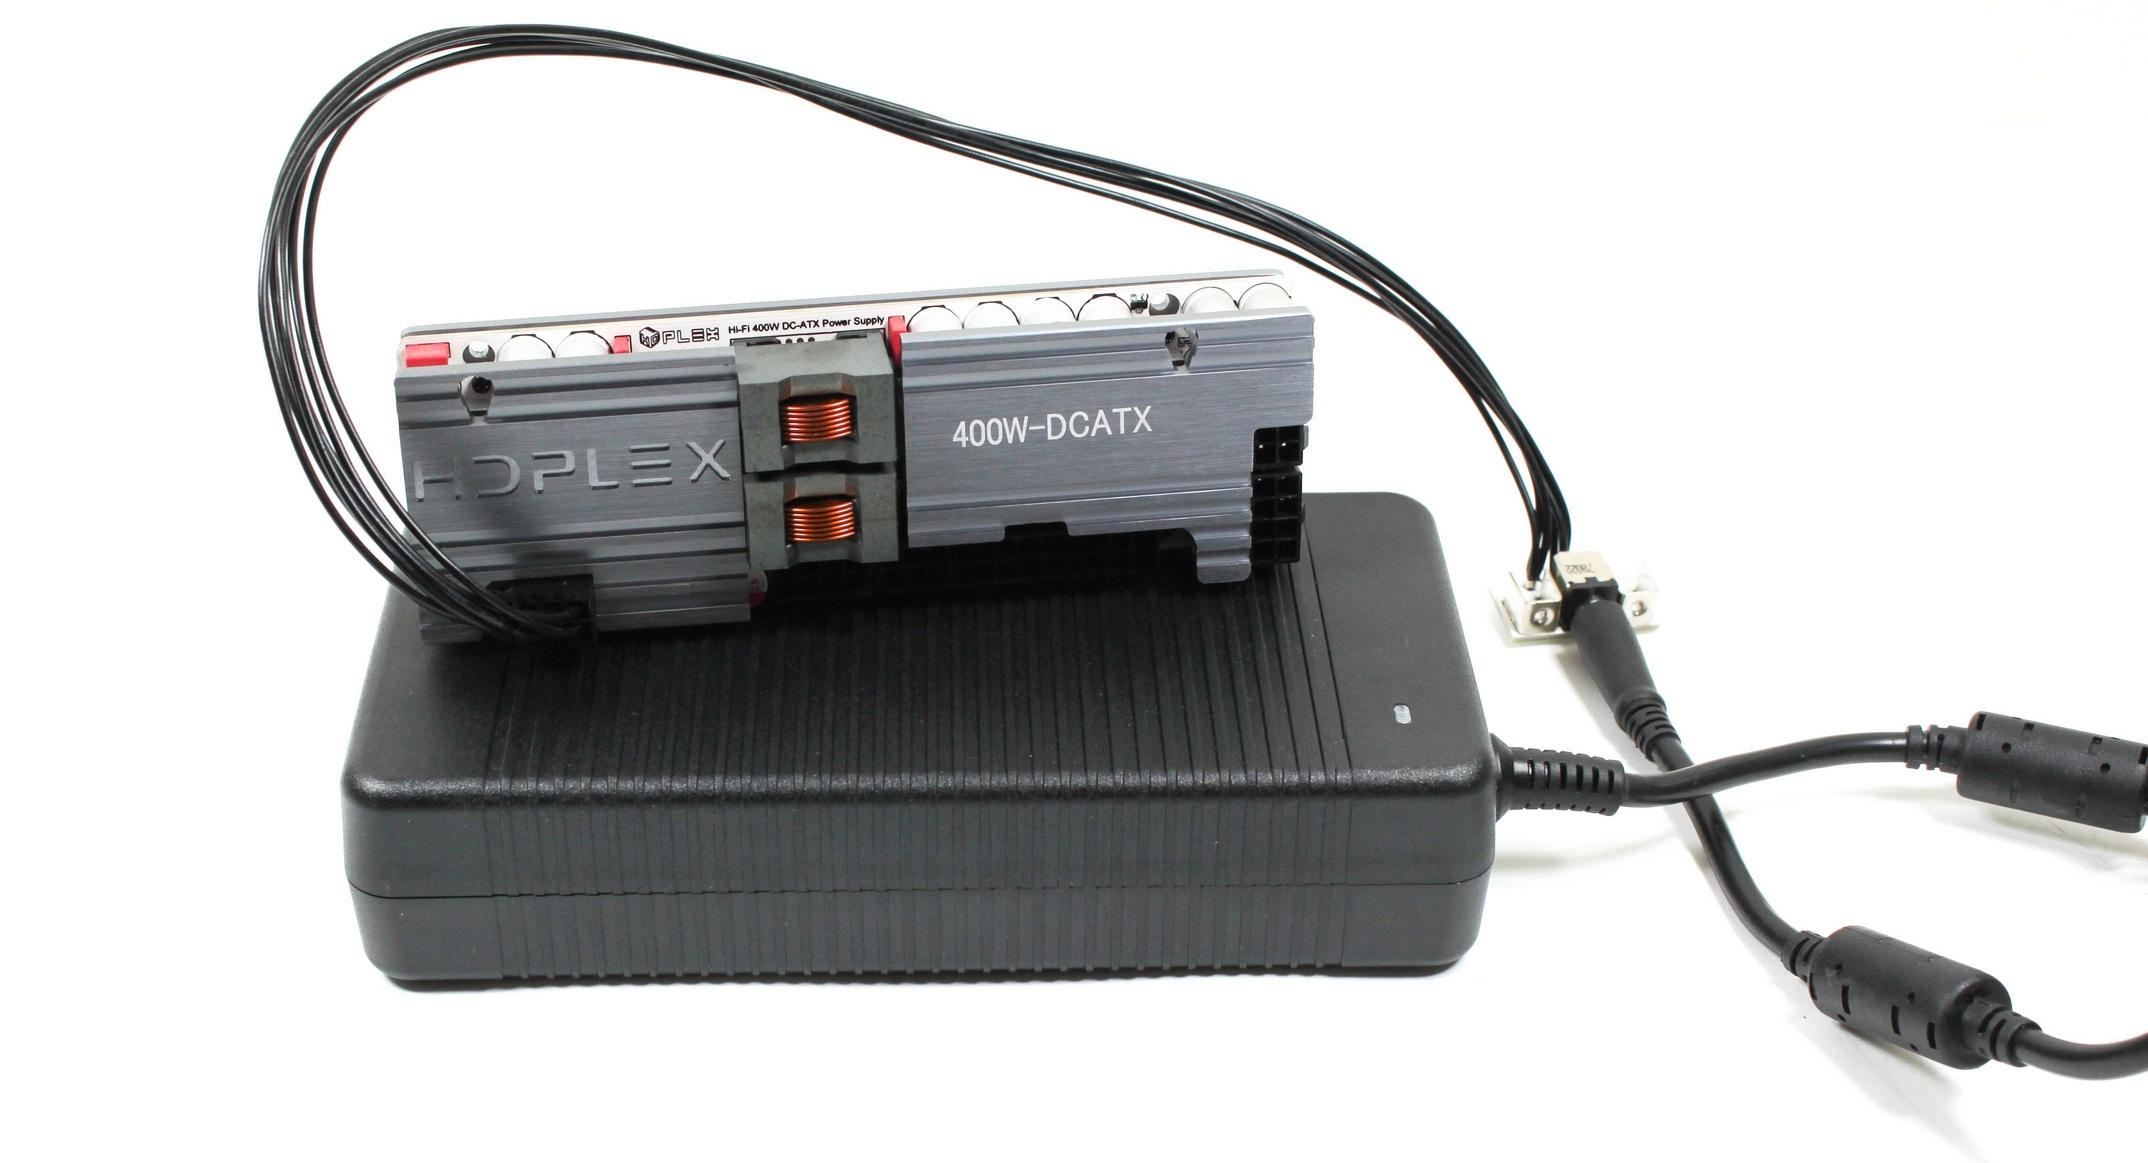 Convertitore DC-ATX Hi-Fi HDPLEX da 400 W